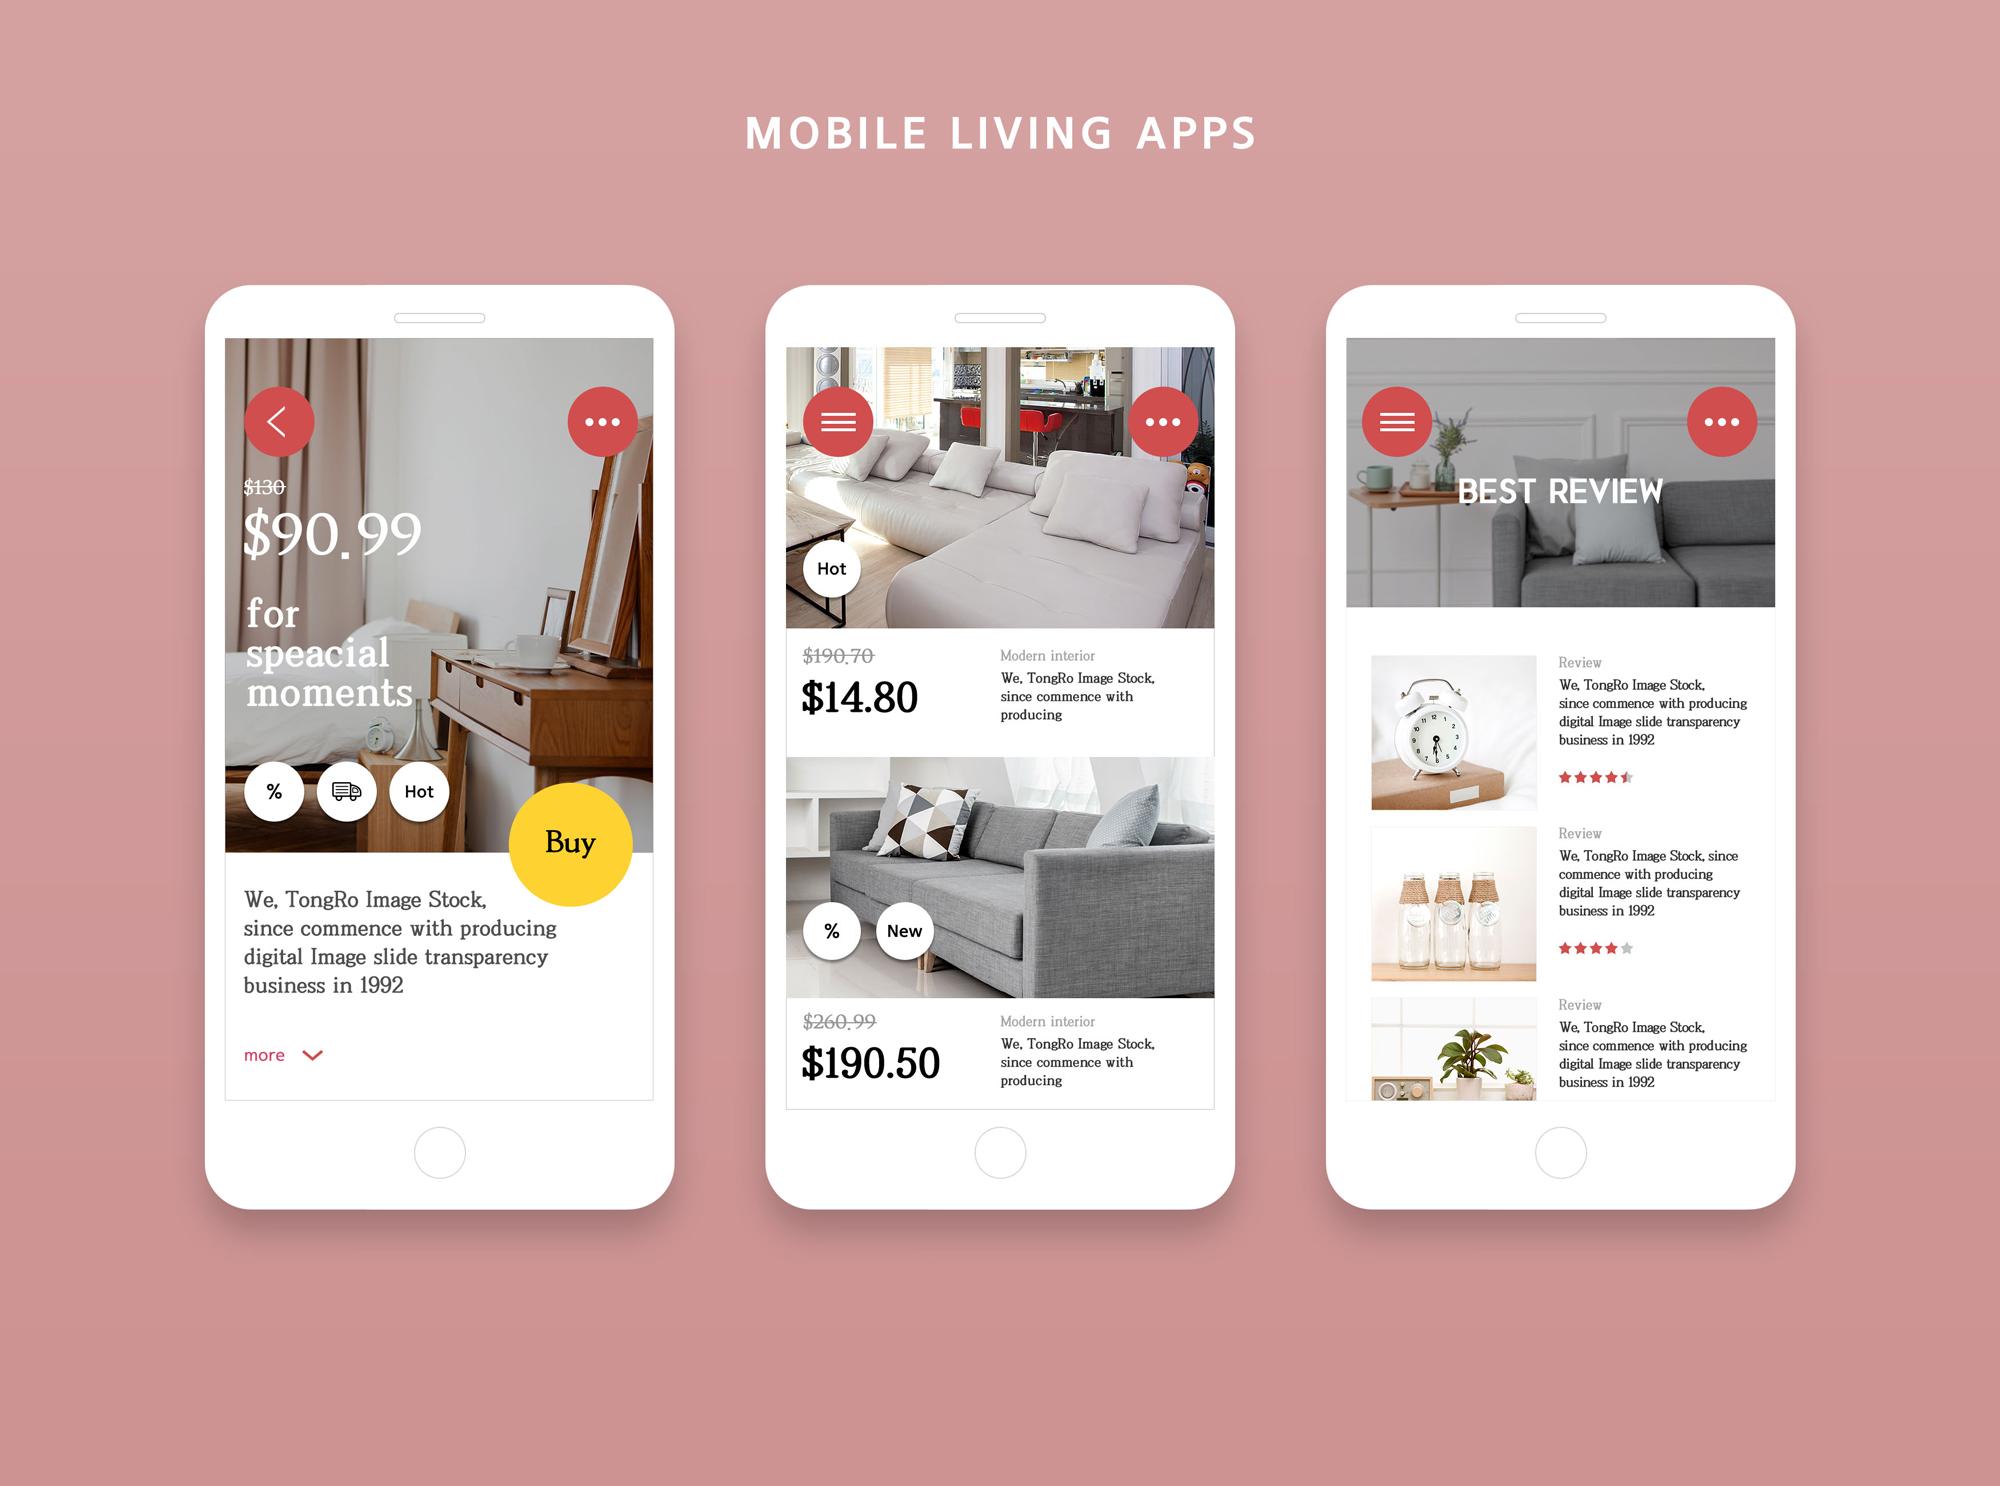 家居扁平风 Mobile living Apps2